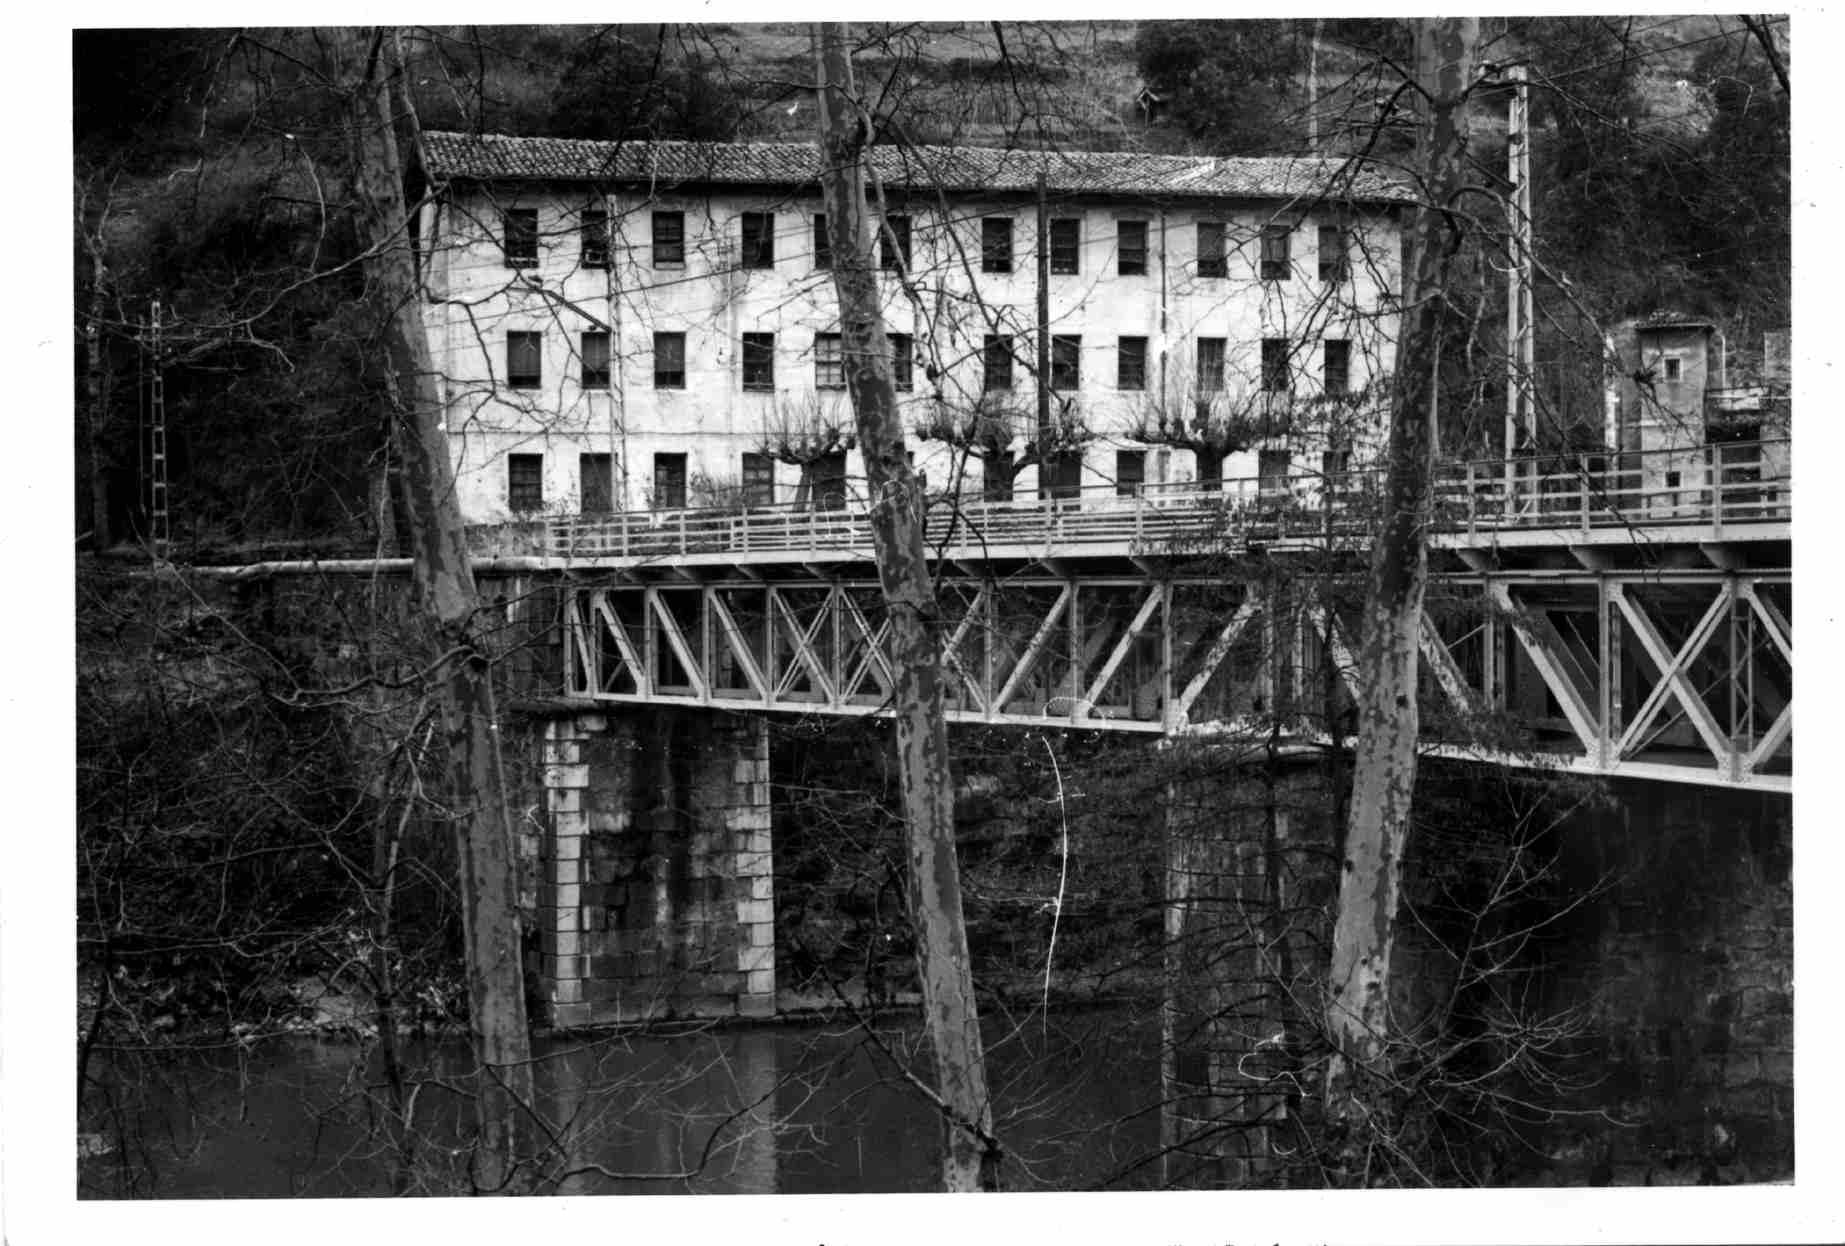 1978. Las casas de los ferroviarios (construidas en 1925, ampliadas en 1942).